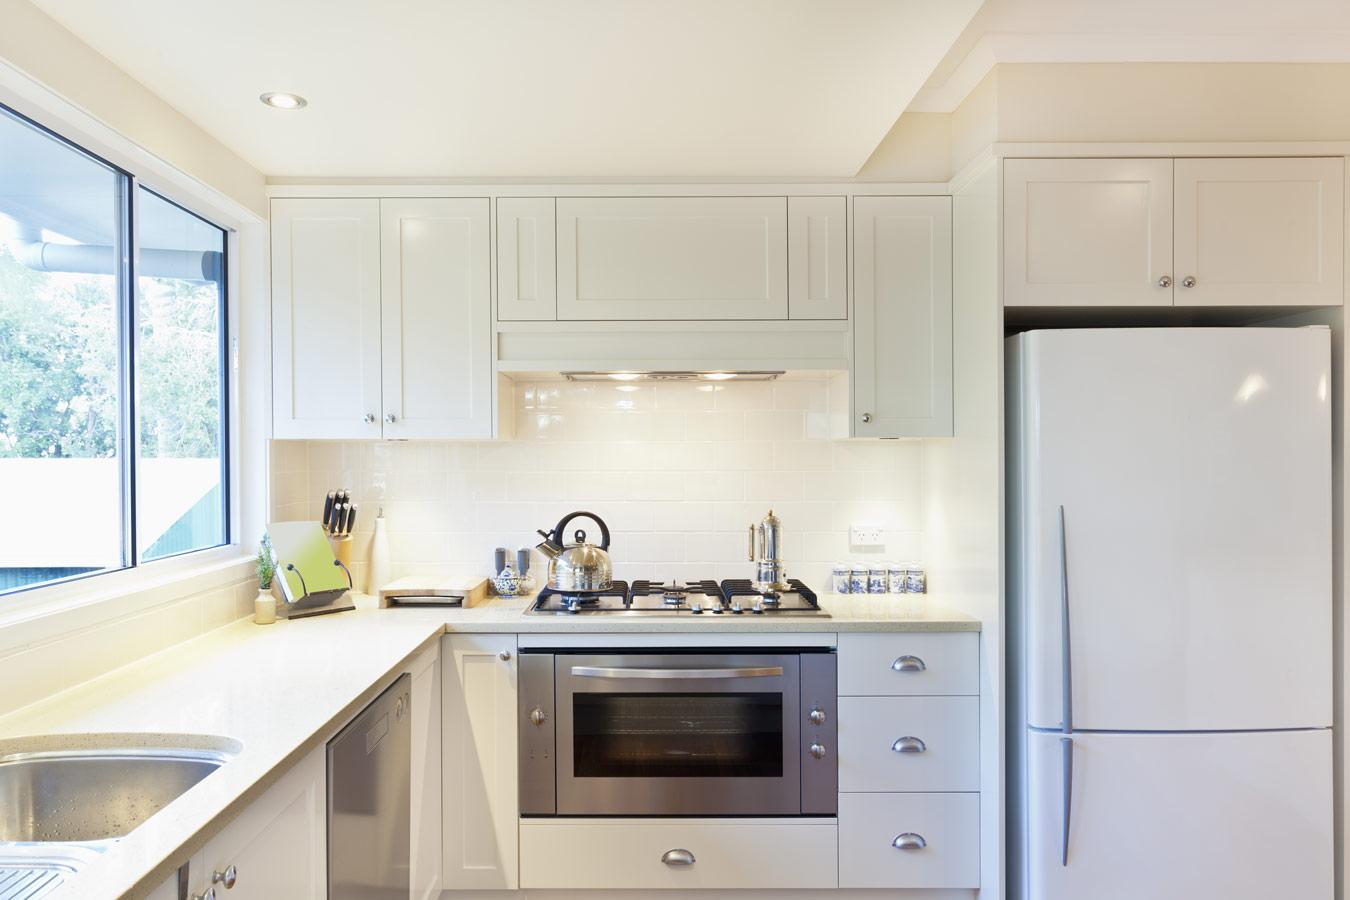 Keuken Kleur Veranderen : Keukenkasten schilderen: Stappenplan en kleuren